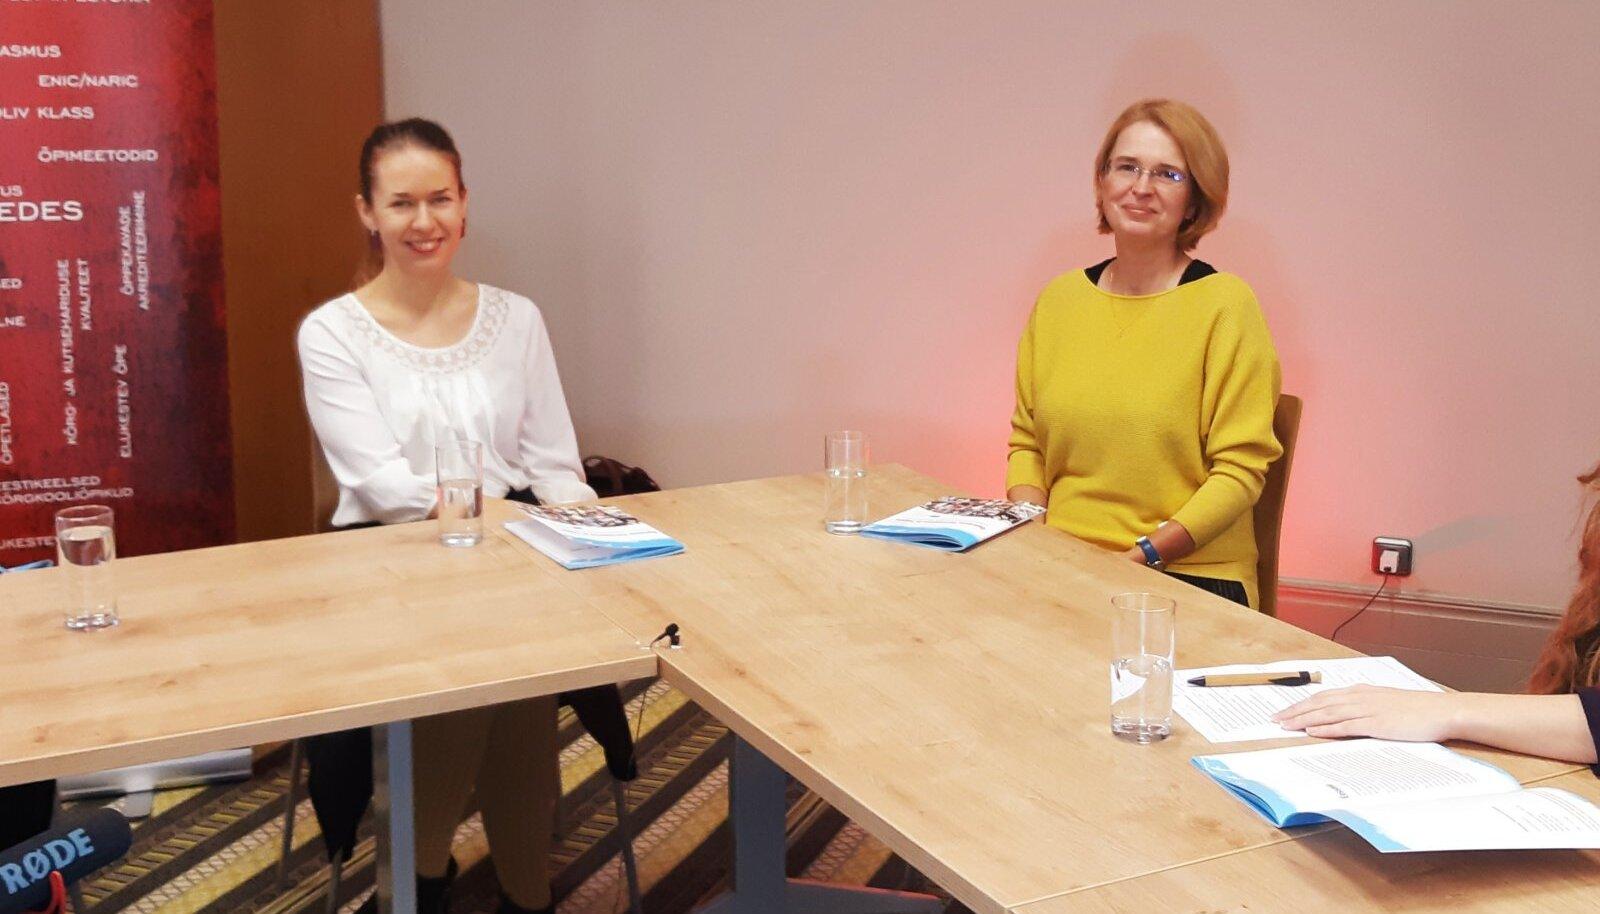 Erasmus+ praktikalugude kogumiku esitlus. Vasakult Anu, Kadri, Merike ja Greta